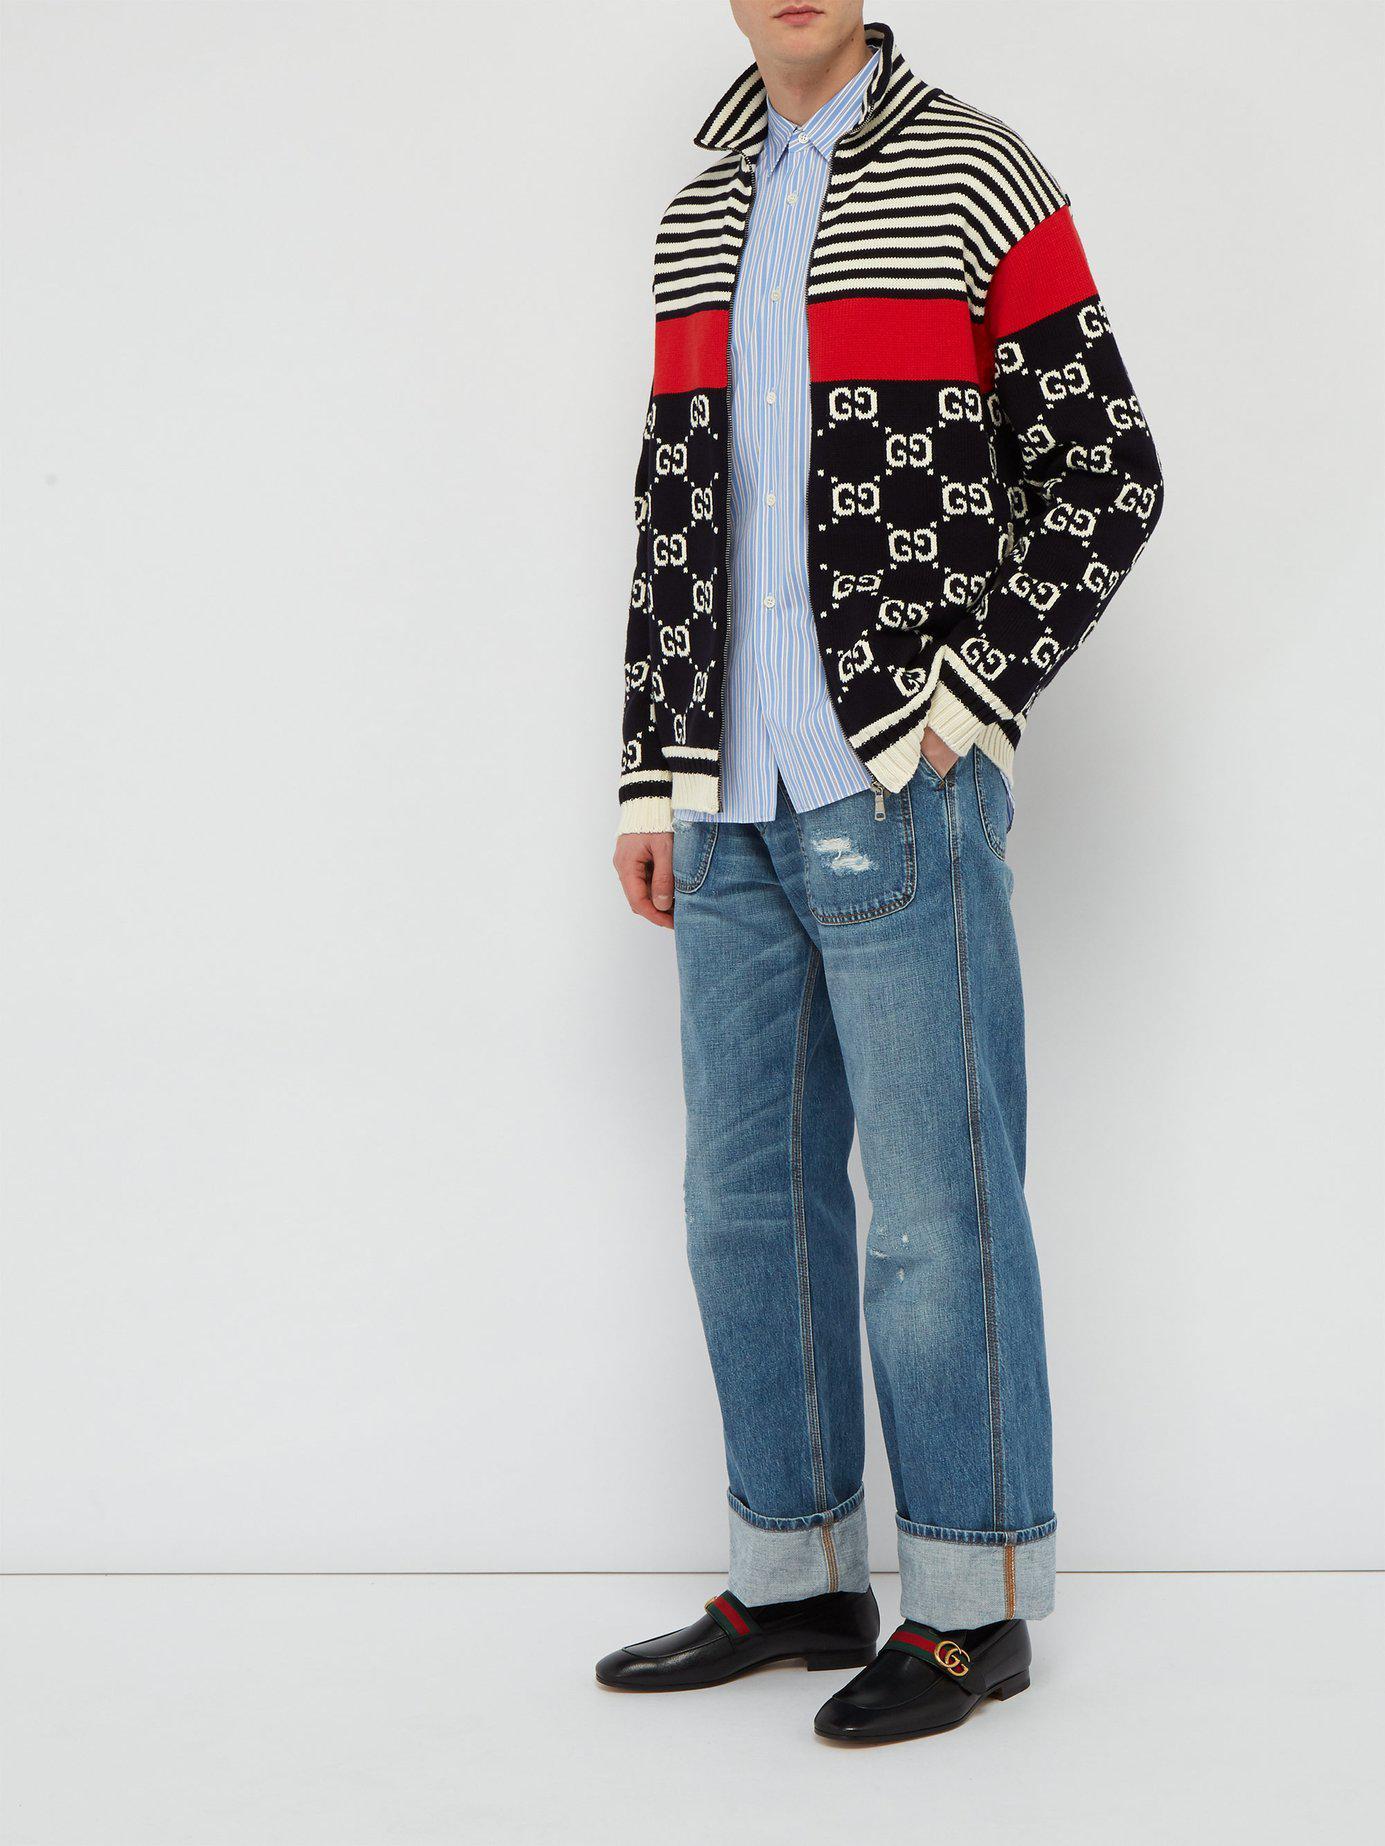 Gucci Donnie Gg Web Stripe Leather